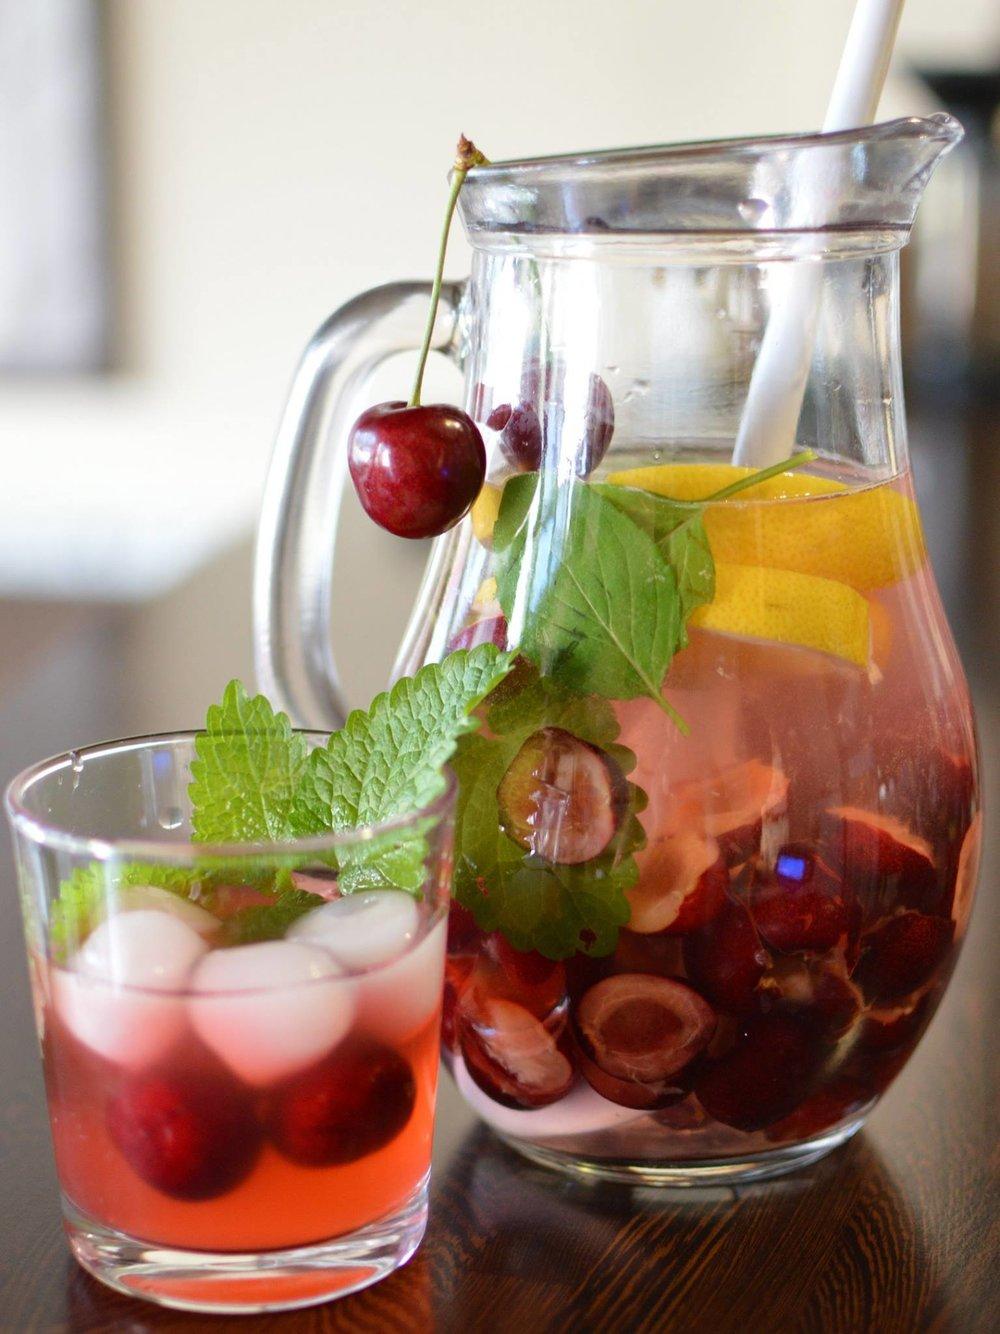 Domáce sirupy a sezónne ovocie - 0,50€  / 0,1dl